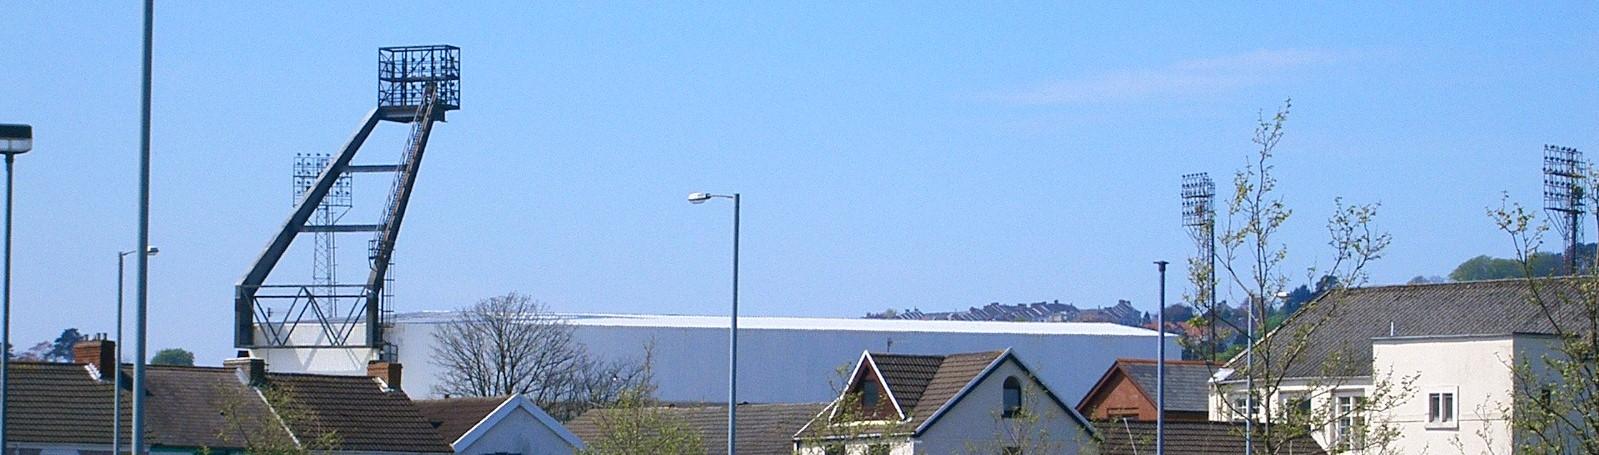 Vetch skyline.jpg